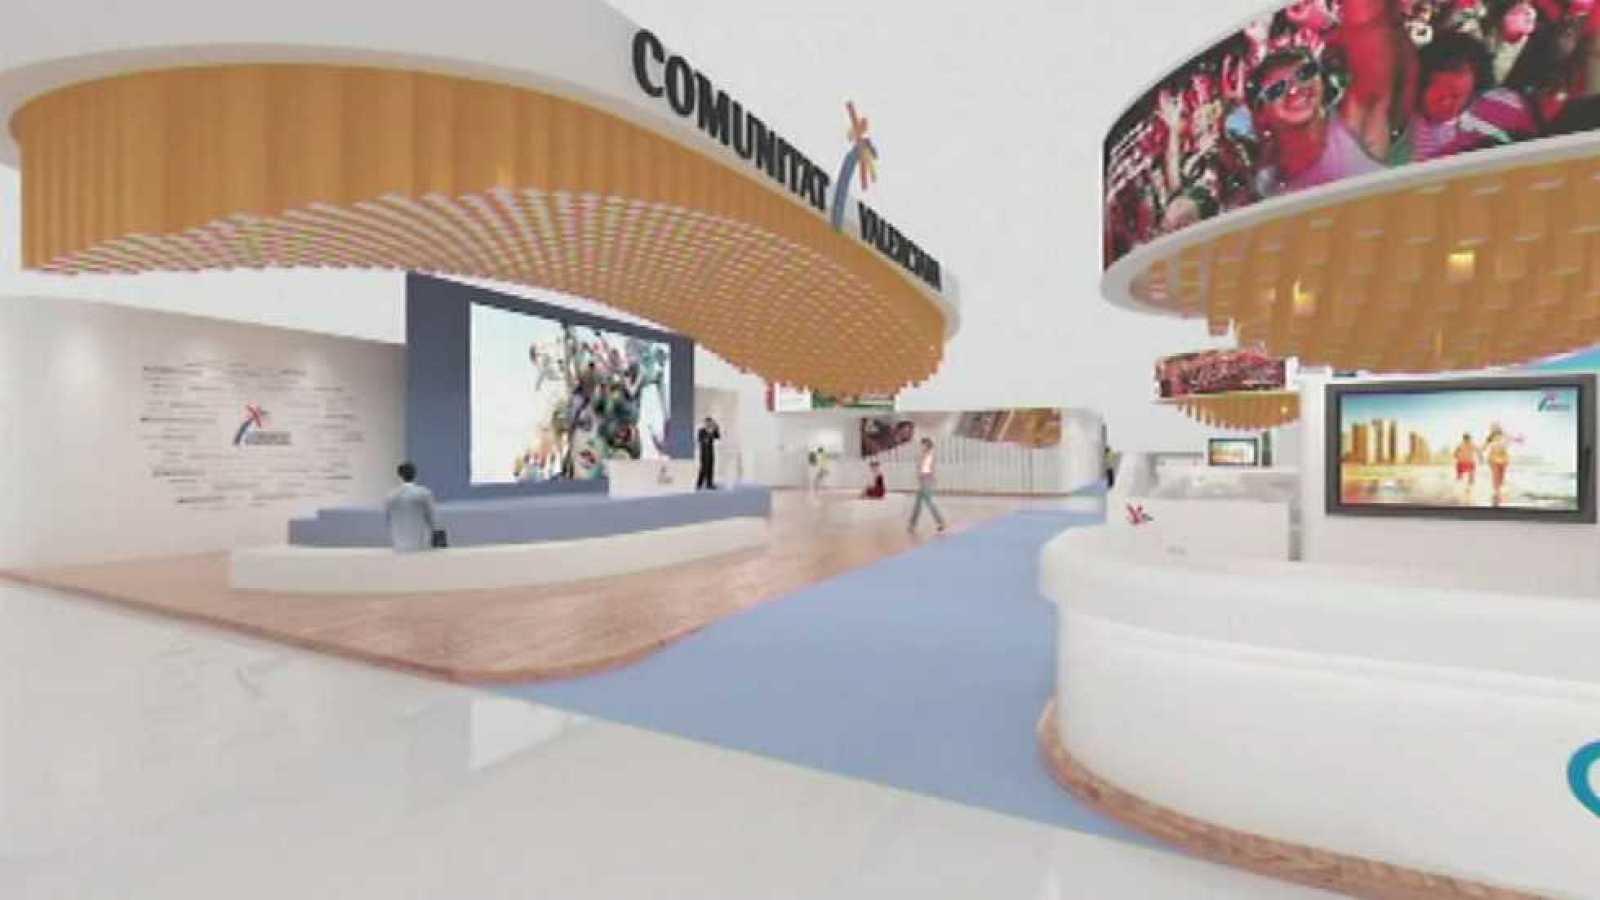 L'Informatiu - Comunitat Valenciana - 15/01/16 - ver ahora